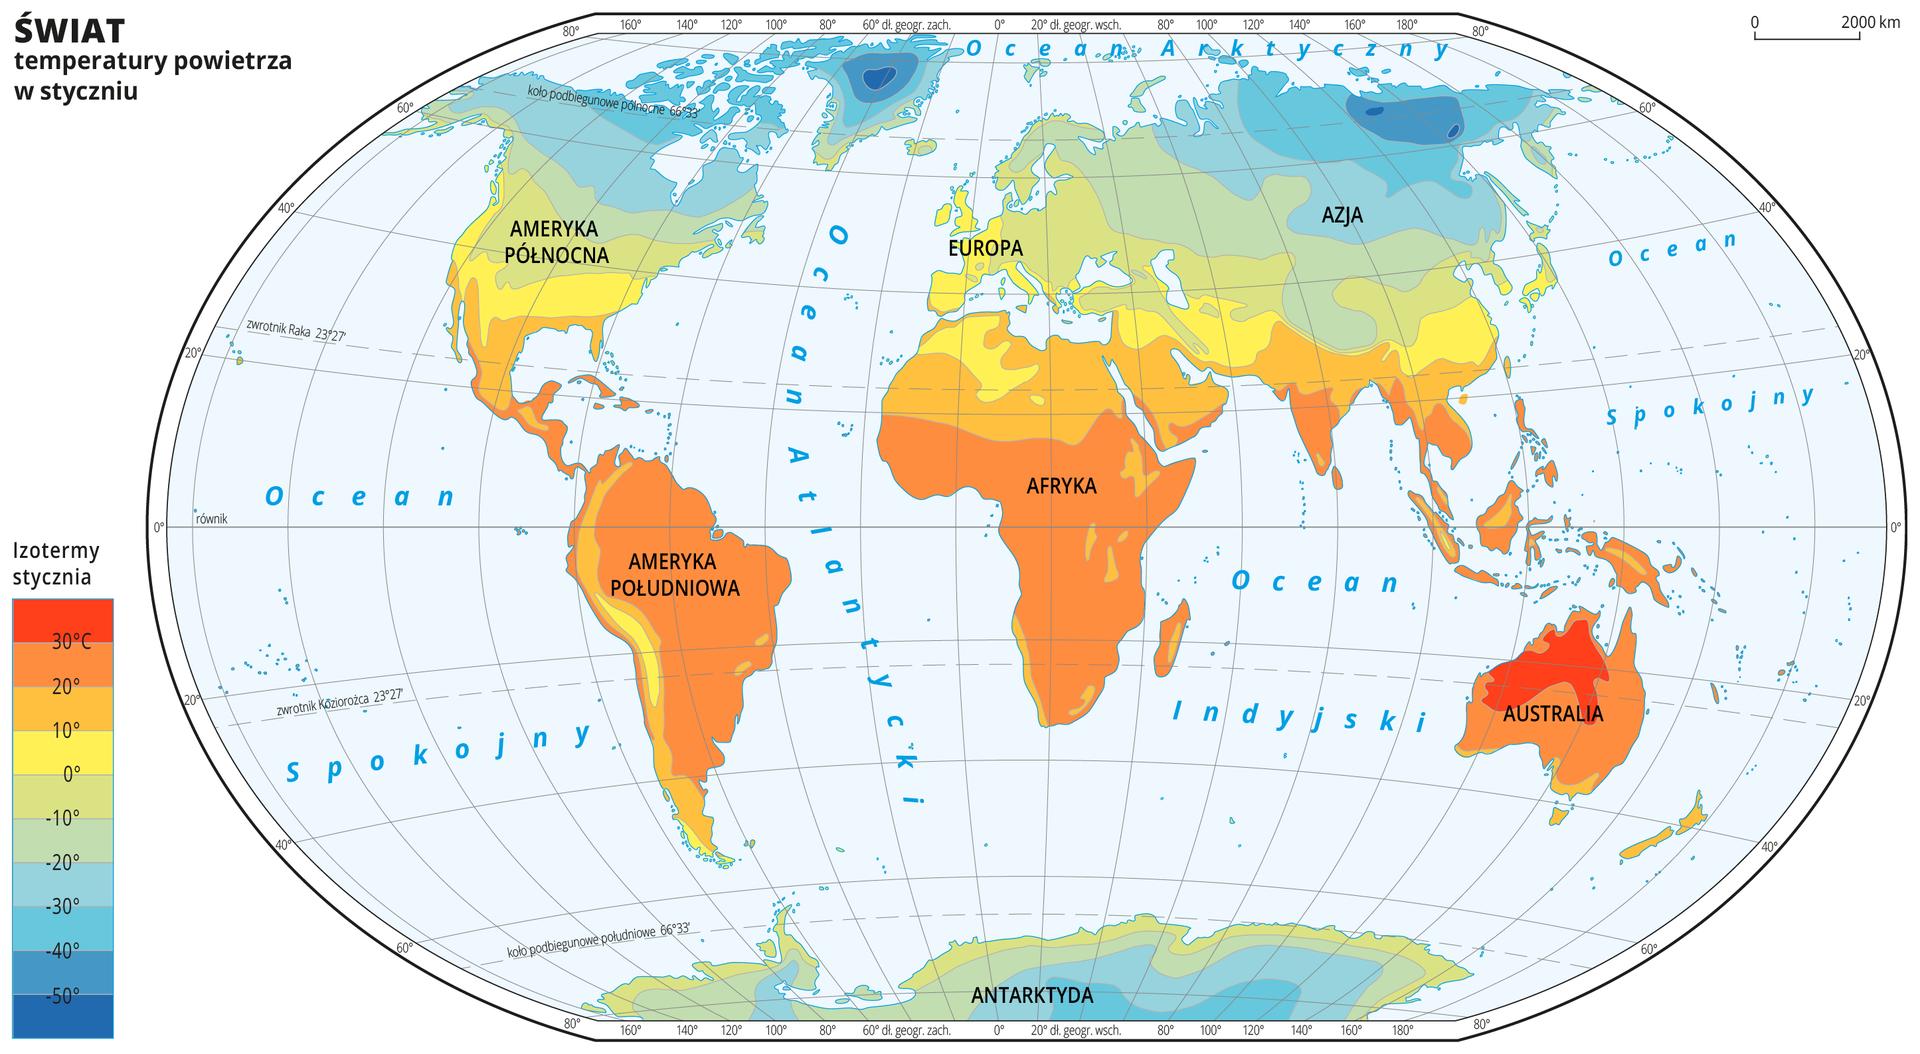 Ilustracja przedstawia mapę świata. Opisano kontynenty. Wody zaznaczono kolorem niebieskim. Opisano oceany. Na mapie wobrębie lądów kolorami zaznaczono średnie miesięczne temperatury powietrza wstyczniu. Centralną część mapy pokrywa kolor pomarańczowy iżółty. Na północy ipołudniu kolor przechodzi wzielony do niebieskiego. Mapa pokryta jest równoleżnikami ipołudnikami. Dookoła mapy wbiałej ramce opisano współrzędne geograficzne co dwadzieścia stopni. Po lewej stronie mapy wlegendzie umieszczono prostokątny pionowy pasek. Pasek podzielono na dziesięć części. Ugóry – ciemnopomarańczowy, dalej pomarańczowy, środek żółty przechodzący wzielony, na dole niebieski do ciemnoniebieskiego. Każda część paska obrazuje dziesięciostopniowy przedział średniej miesięcznej temperatury powietrza wstyczniu wróżnych regionach świata. Ciemnopomarańczowy oznacza obszary najcieplejsze, ciemnoniebieski – najzimniejsze. Odcieniami koloru pomarańczowego zaznaczono obszary ośredniej miesięcznej temperaturze powietrza wstyczniu powyżej dziesięciu stopni Celsjusza, kolorem żółtym – od zera do dziesięciu stopni Celsjusza. Odcieniami koloru zielonego iniebieskiego zaznaczono obszary ośredniej miesięcznej temperaturze powietrza wstyczniu poniżej zera. Obszary onajniższej średniej temperaturze powietrza wstyczniu – poniżej pięćdziesiąt stopni Celsjusza znajdują się na północy Azji ina Grenlandii. Obszary oznaczone kolorem ciemnopomarańczowym, na których średnia temperatura powietrza wstyczniu wynosi powyżej trzydziestu stopni Celsjusza znajdują się wAustralii.